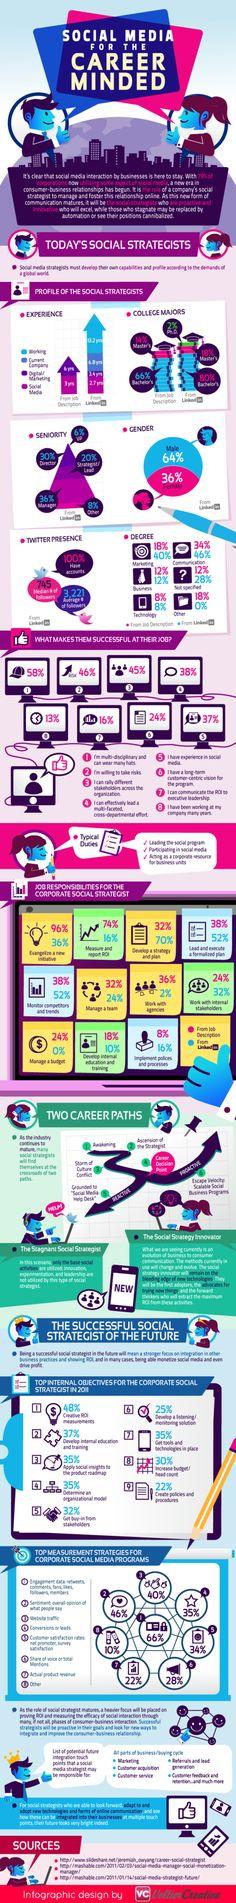 How Do You Make The Grade As A Social Media Strategist? #infographic